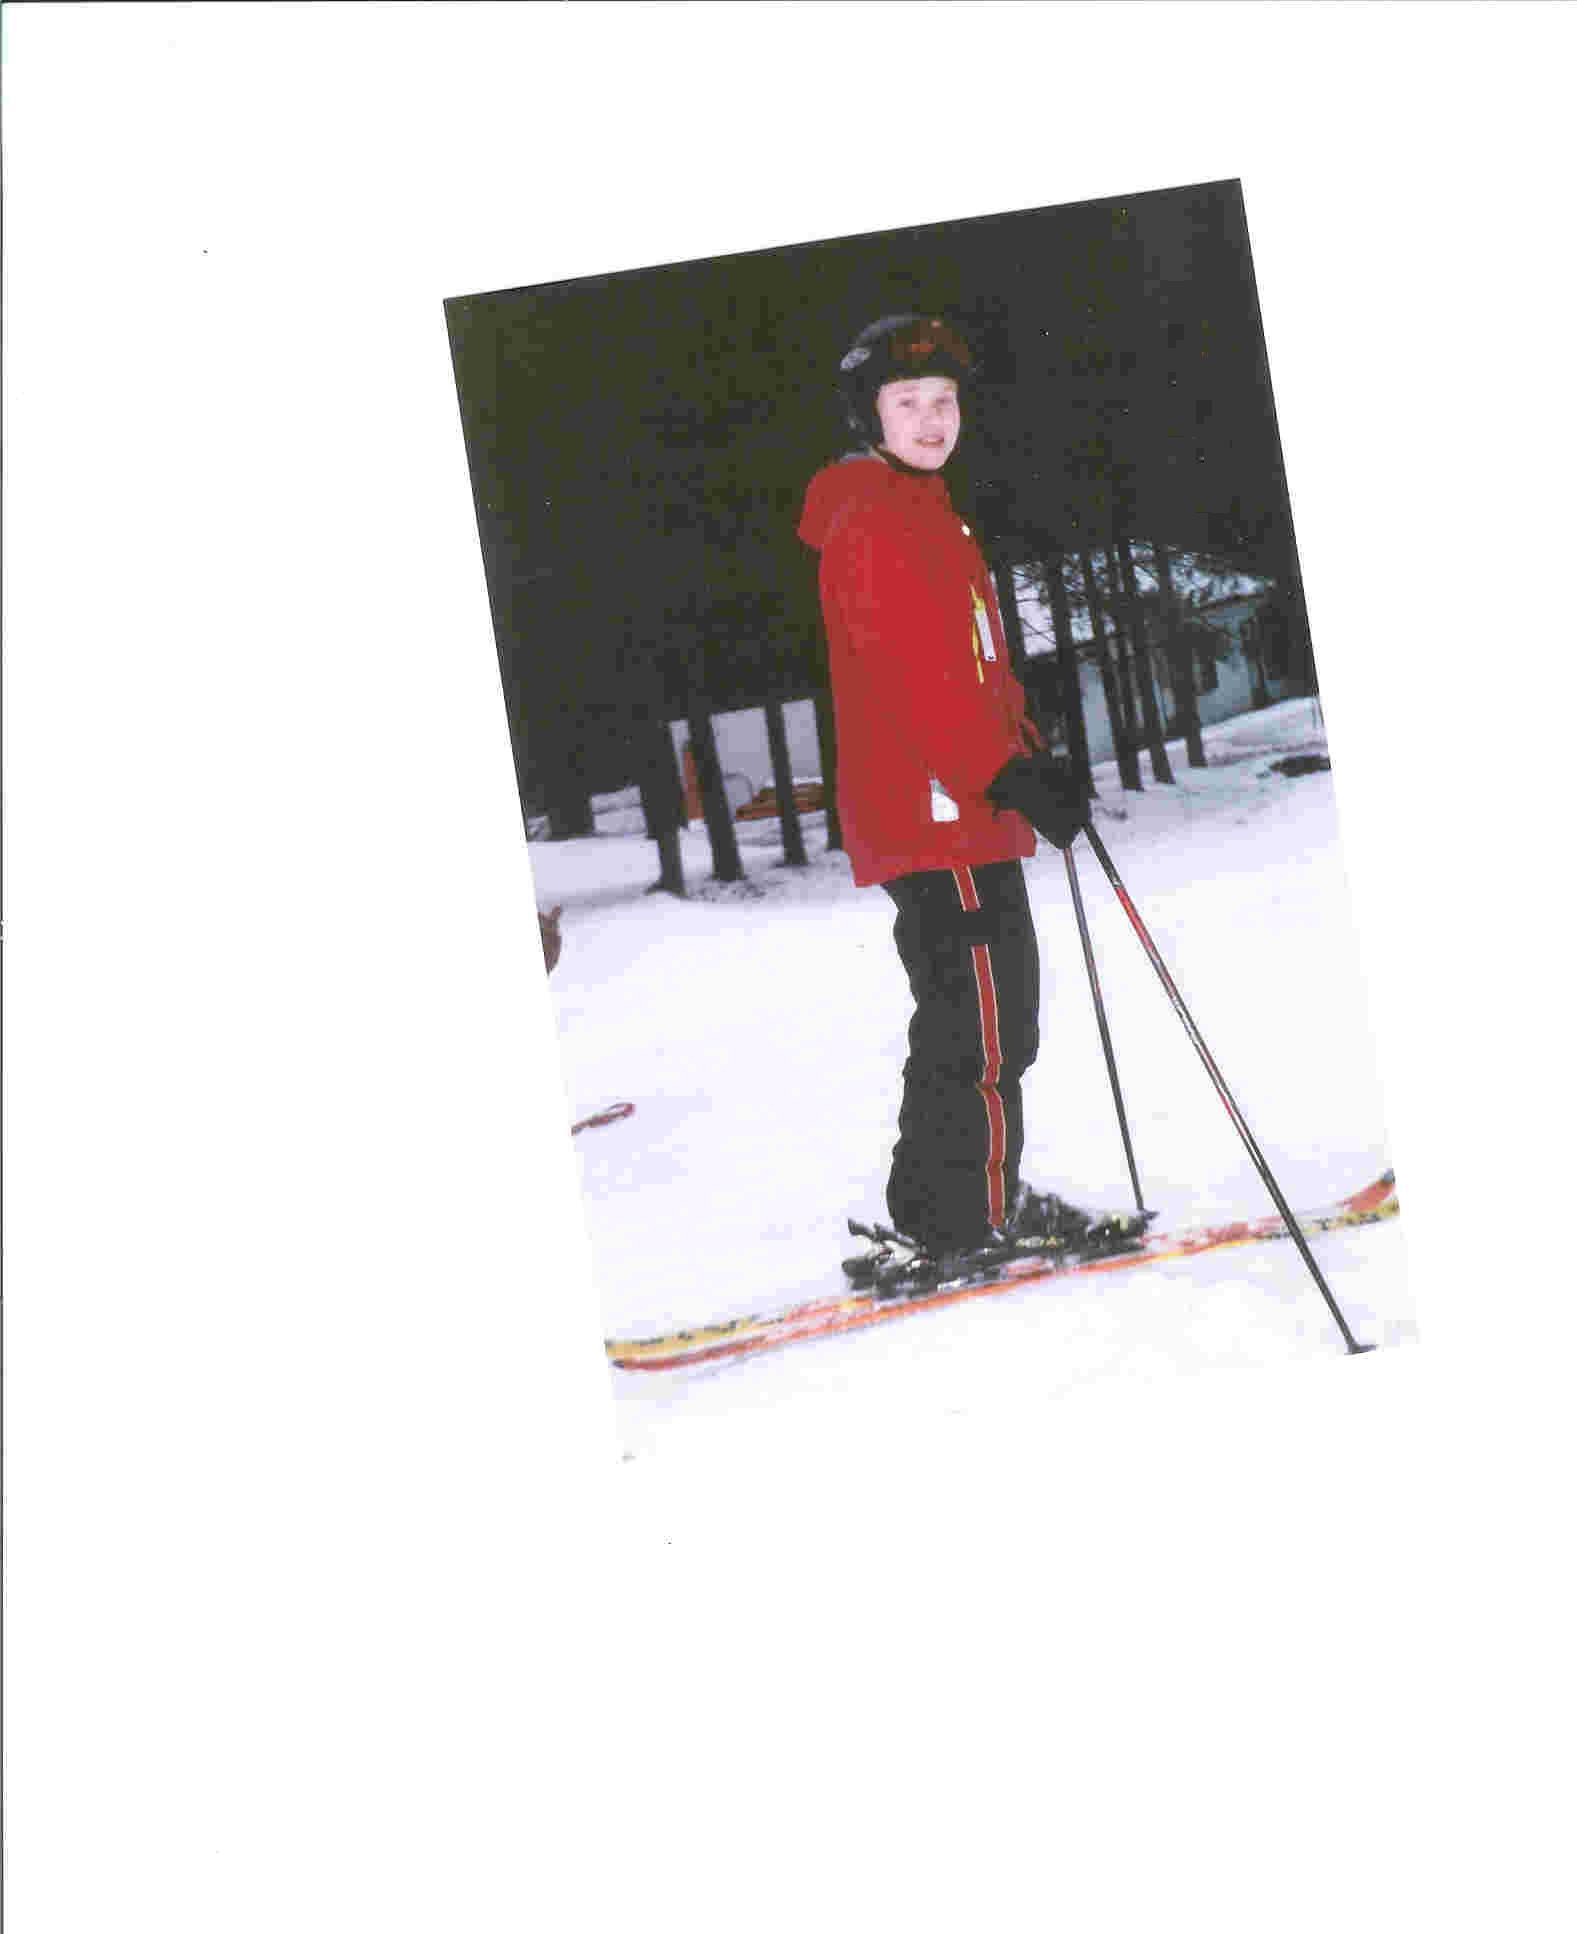 Me last year on skis